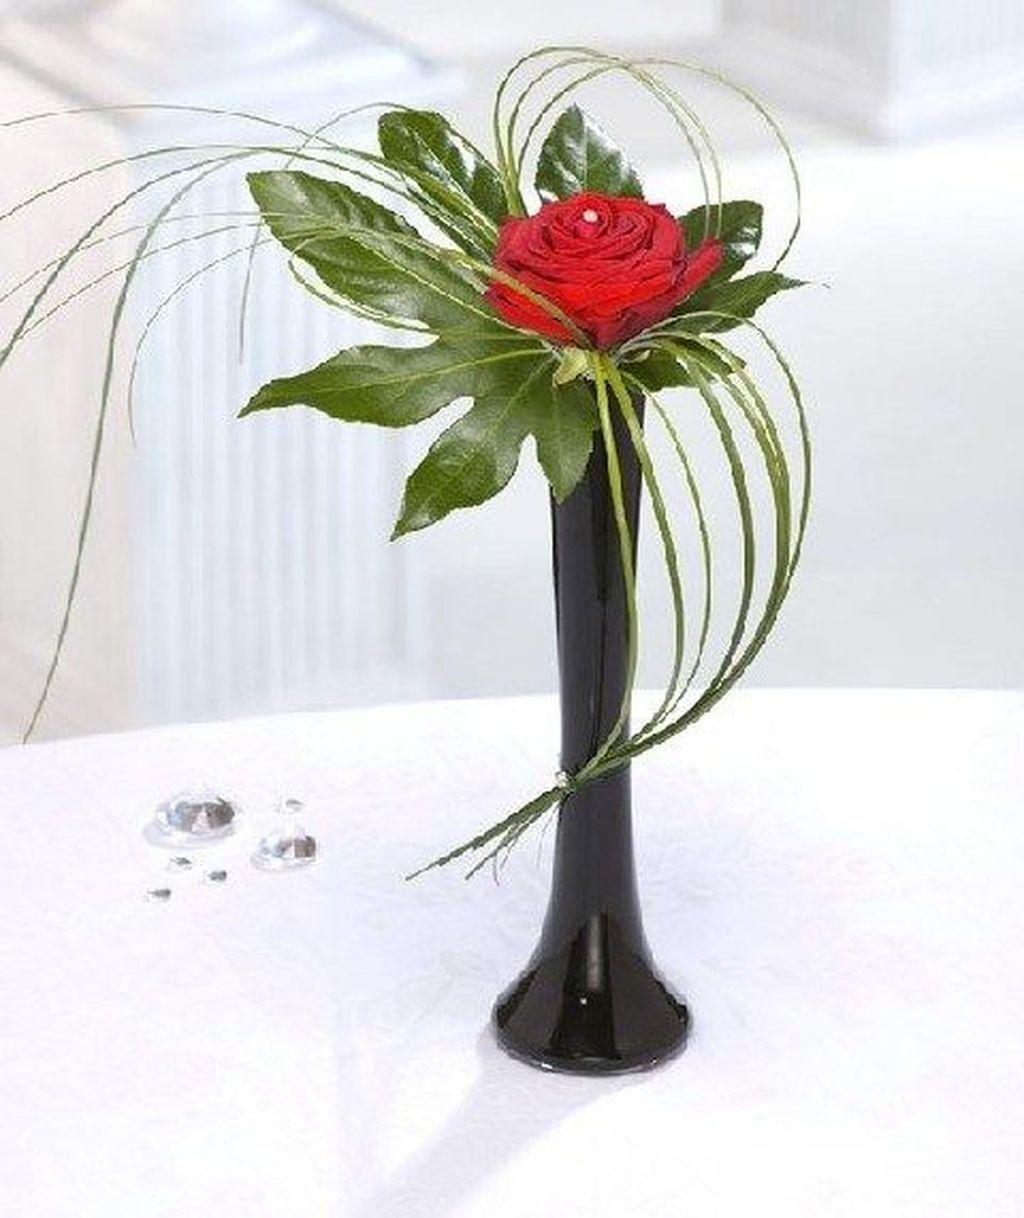 Amazing Unique Flower Arrangements Ideas For Your Home Decor 06